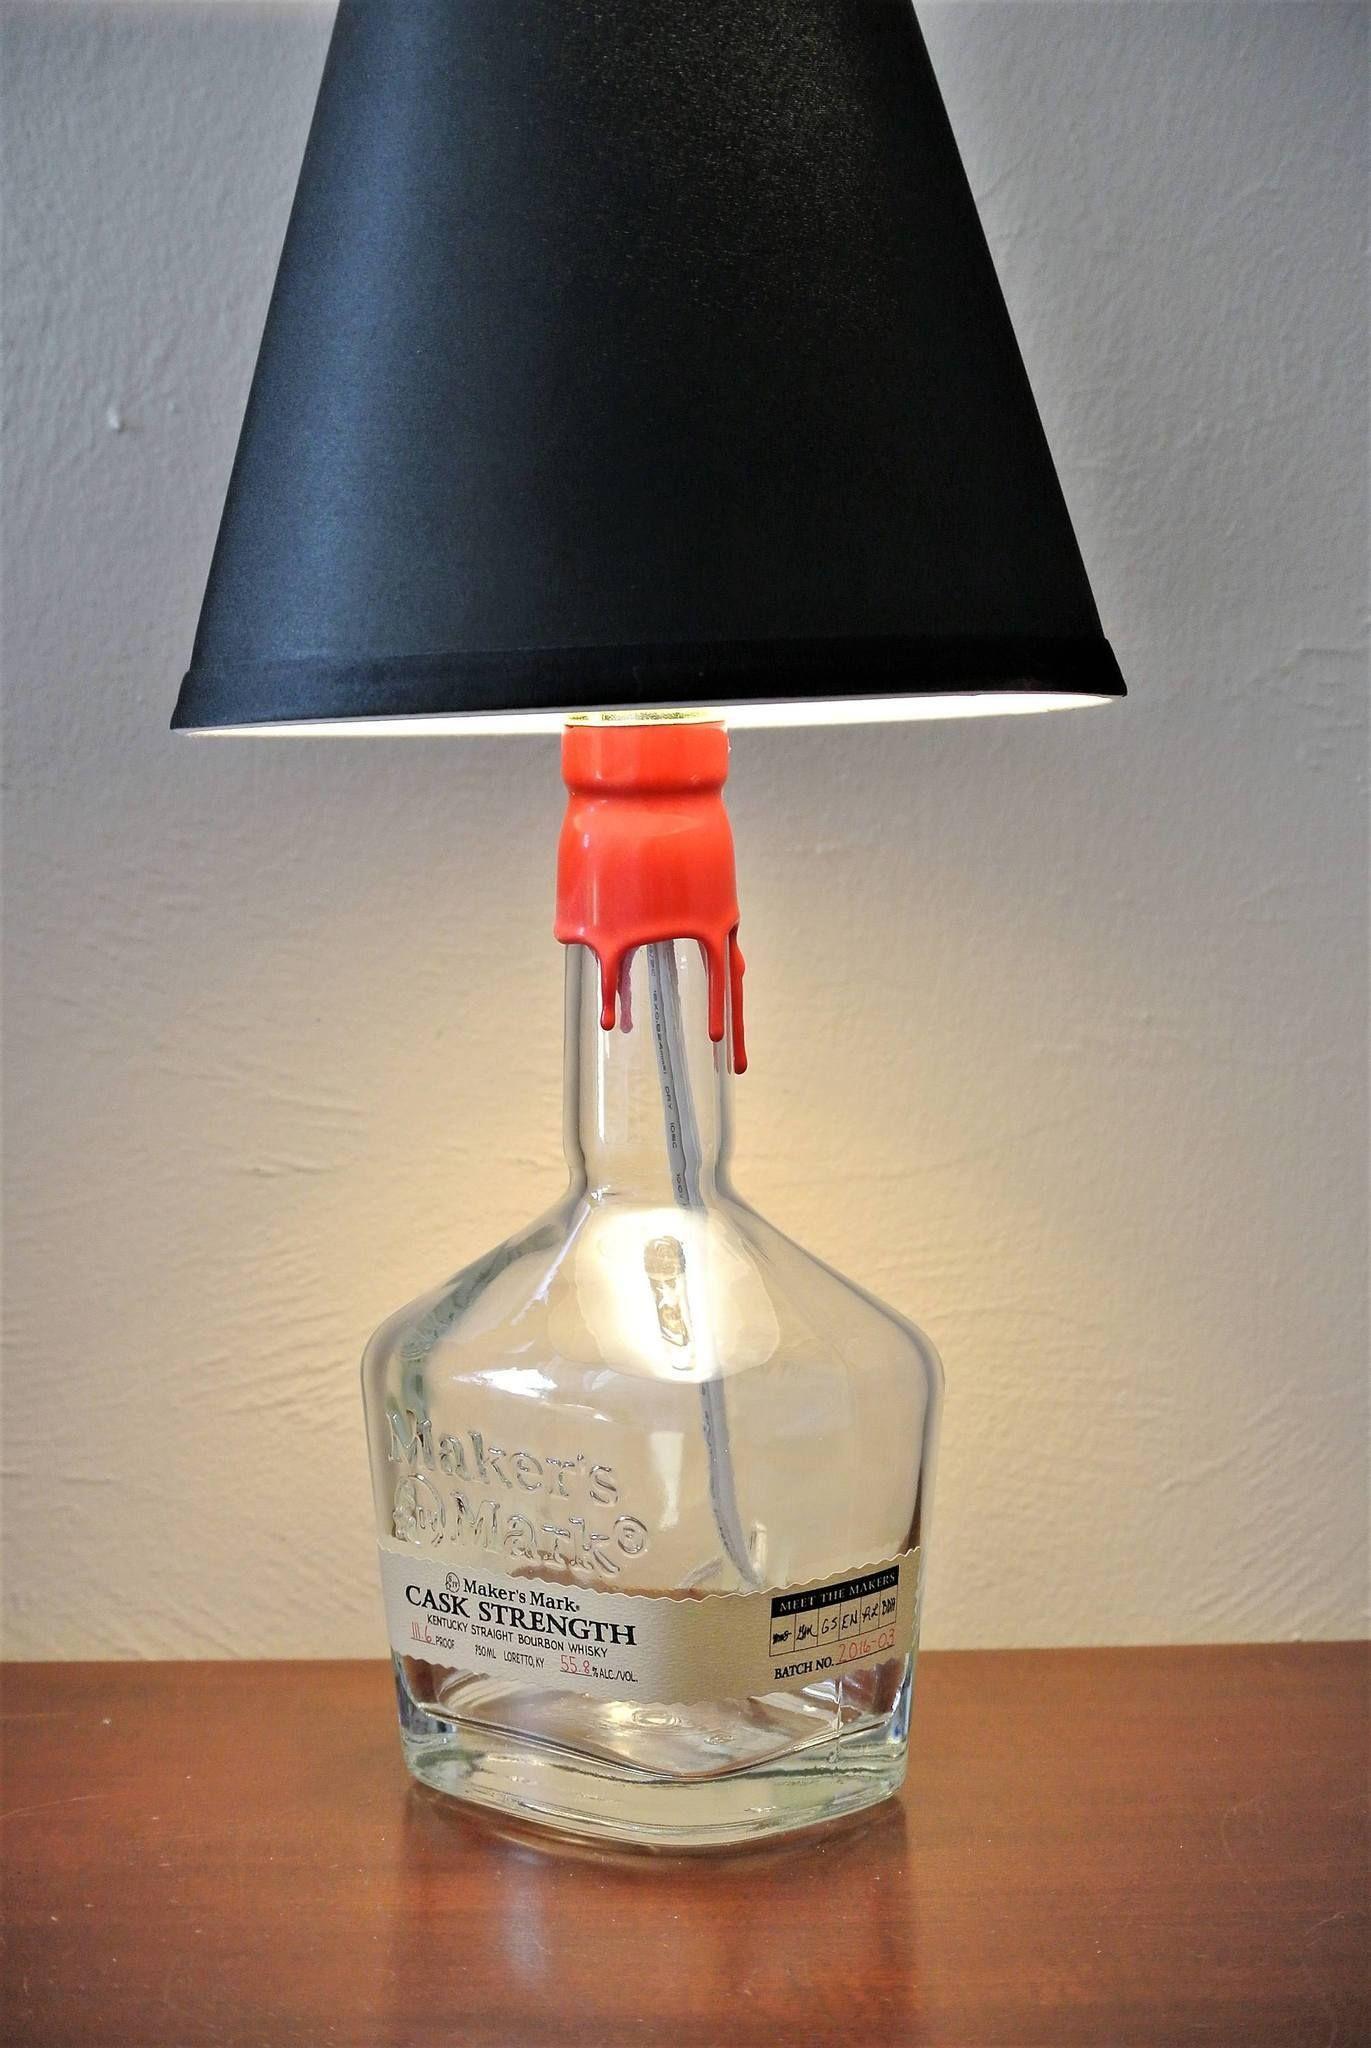 Makeru0027s Mark Cask Strength Bottle Lamp BottleLamp